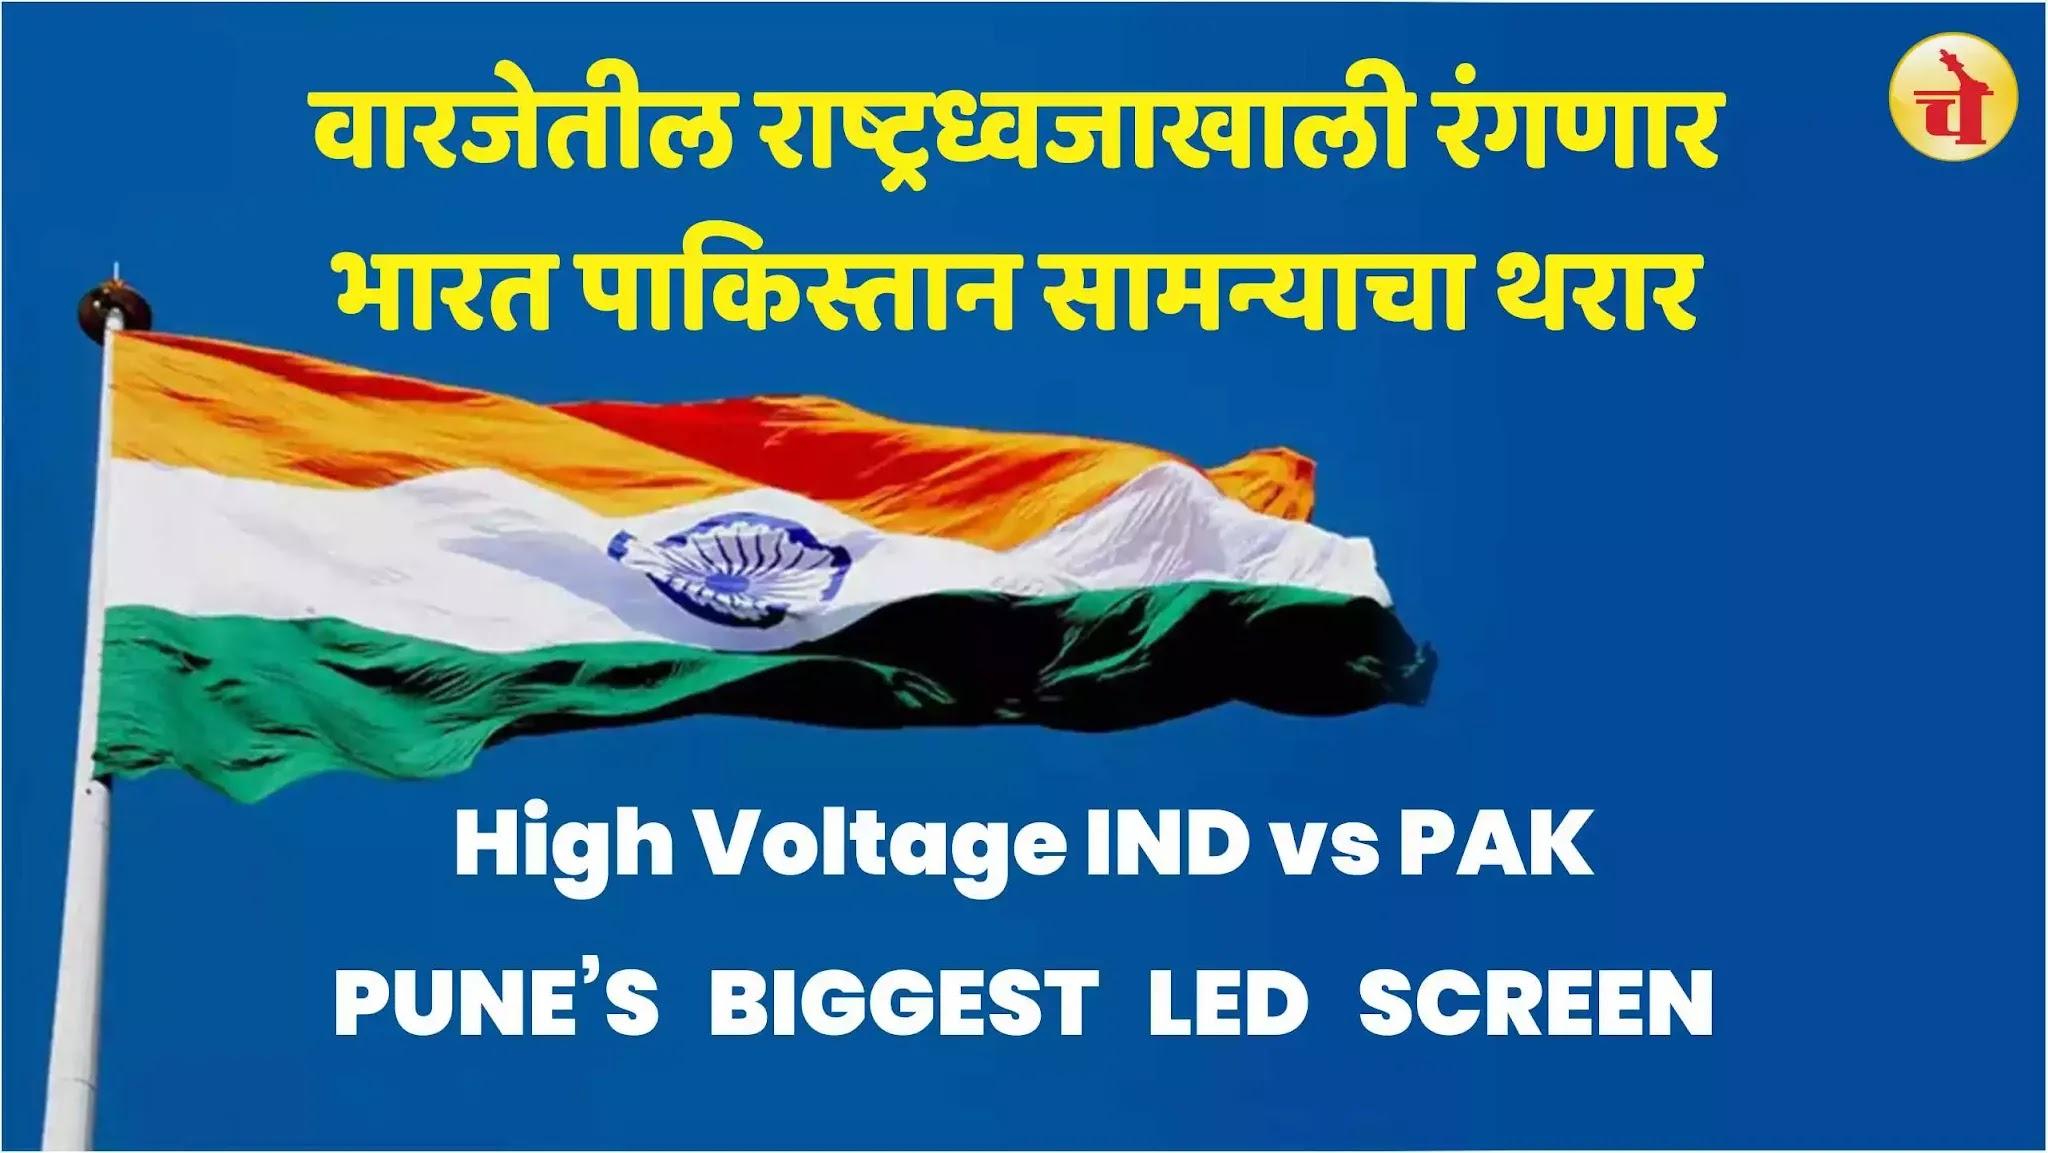 पुण्यातील सर्वात मोठ्या स्क्रीनवर भारत पाकिस्तान सामना पाहायला वारजे मधील राष्ट्रध्वजाखाली एकवटणार तरुणाई